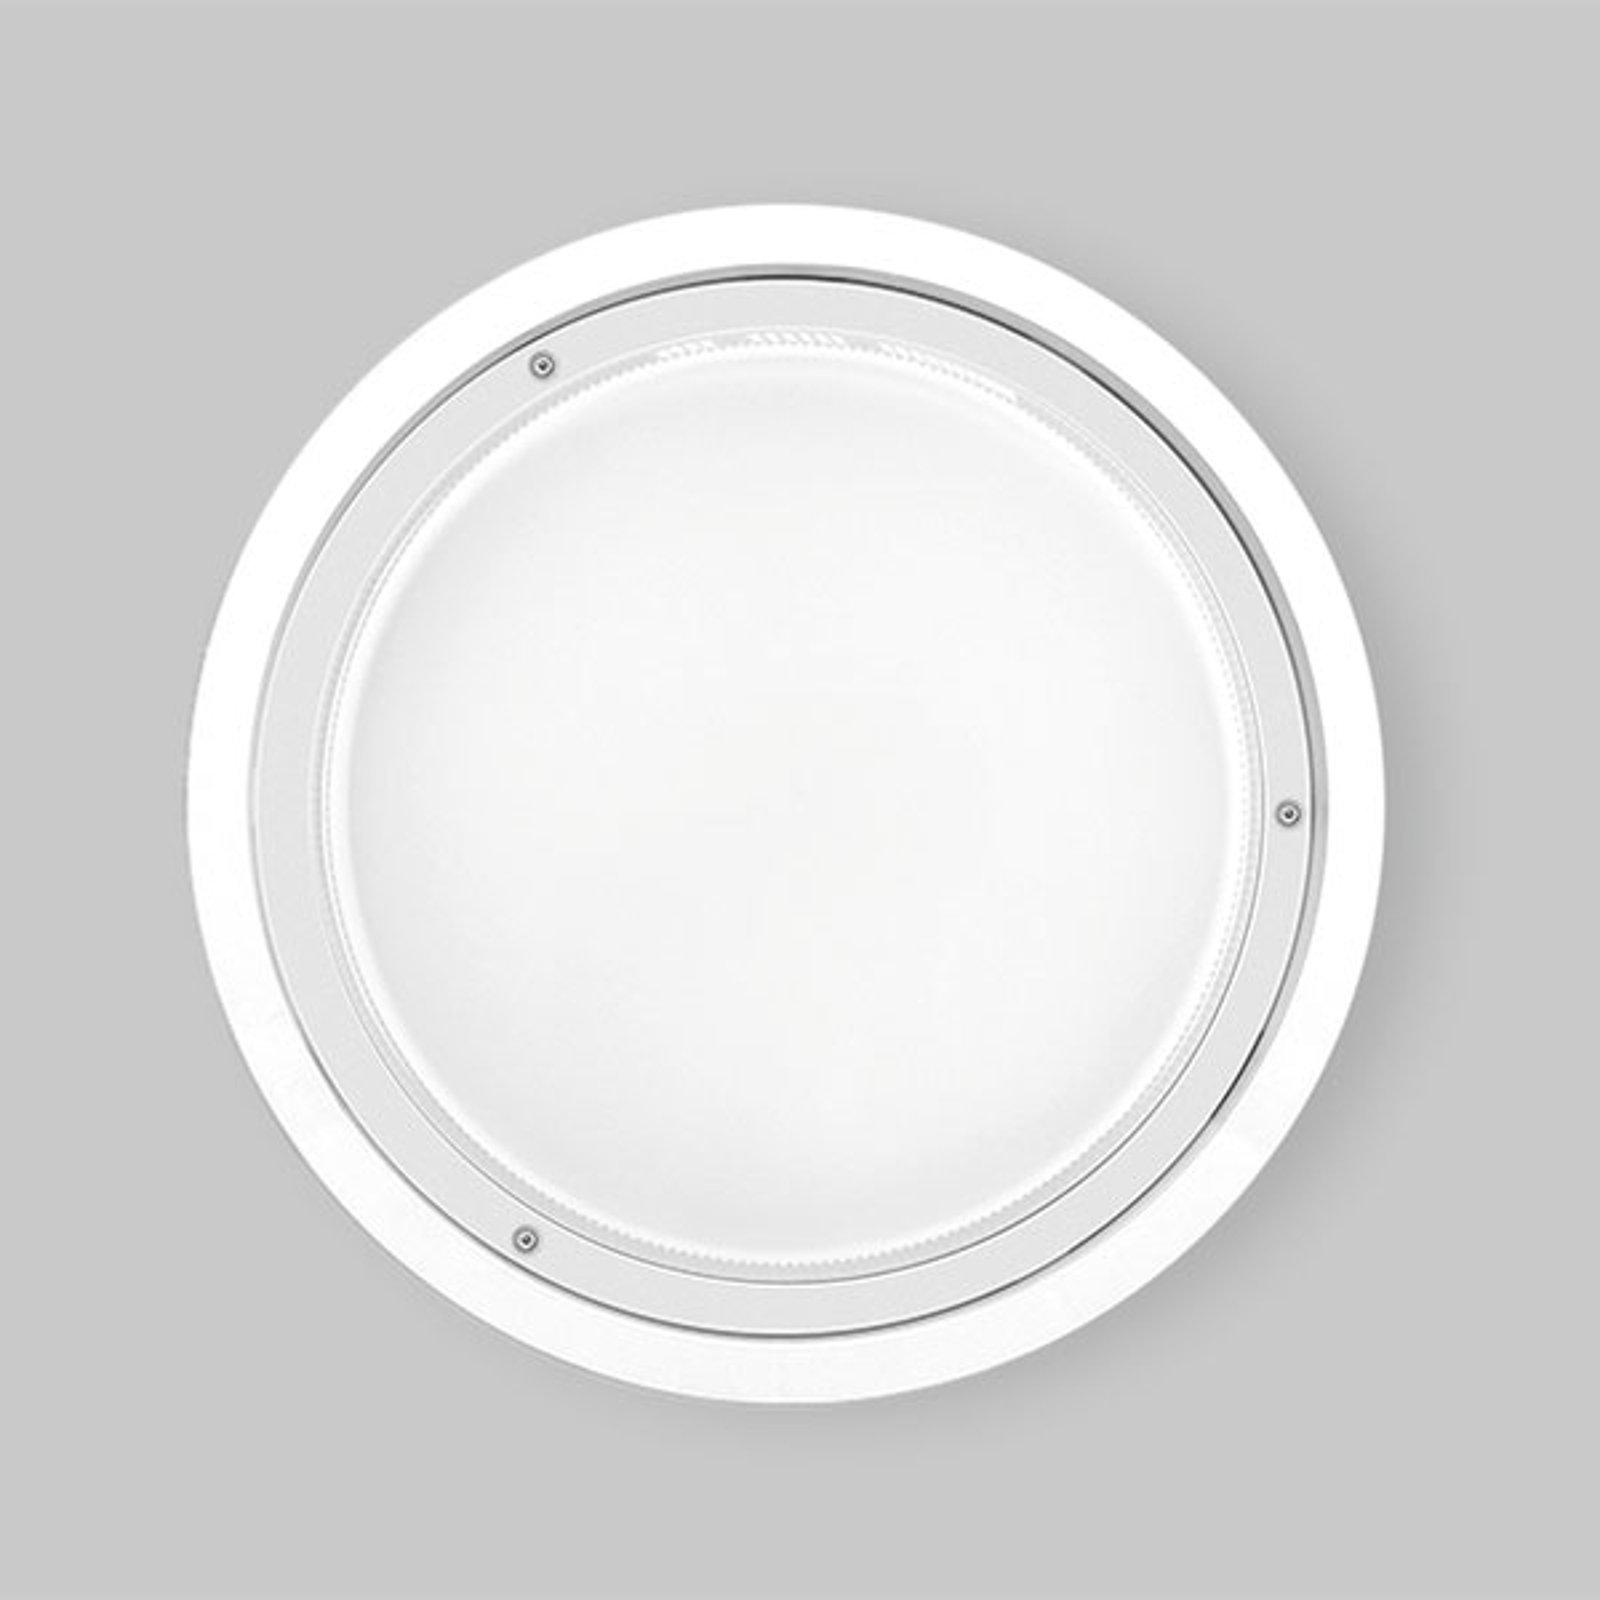 HF-sensor-vegglampe Multi+ 30 PC med LED 4 000 K